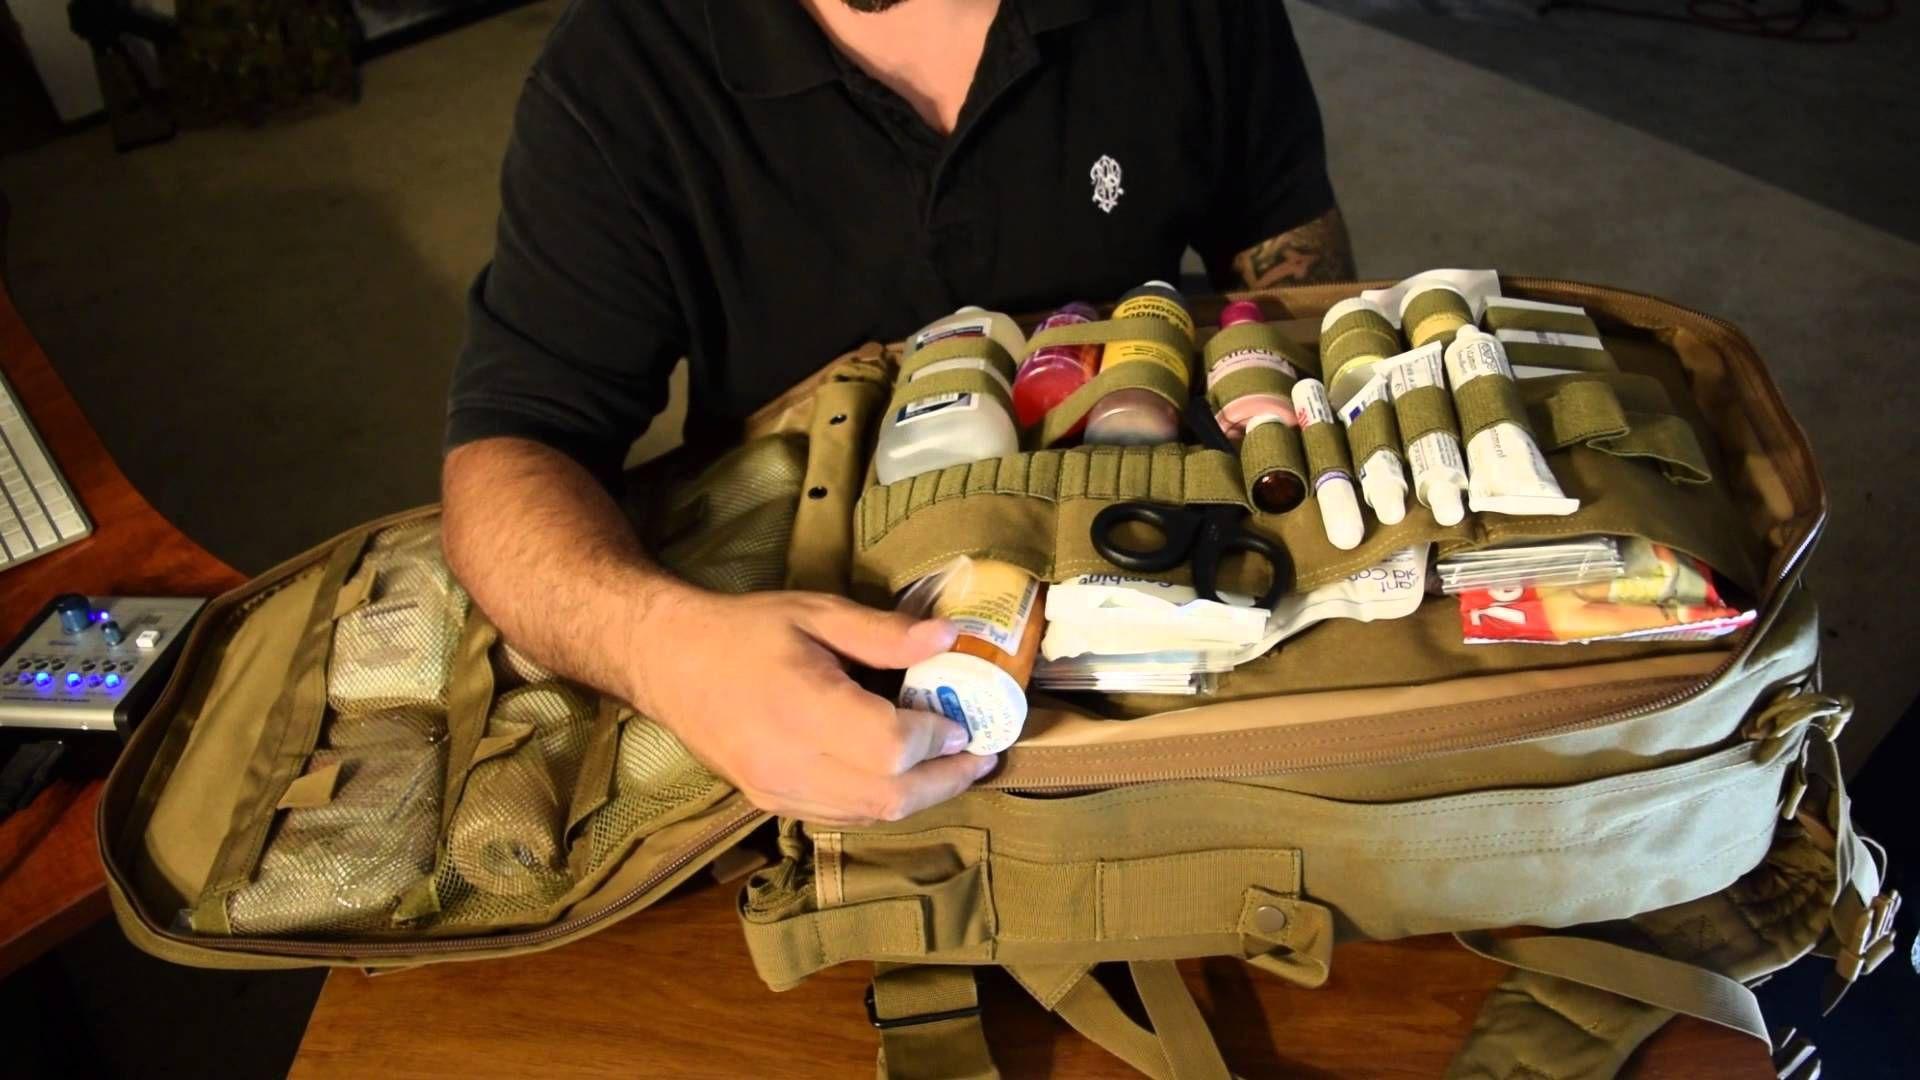 Voodoo Tactical Medical Bag!